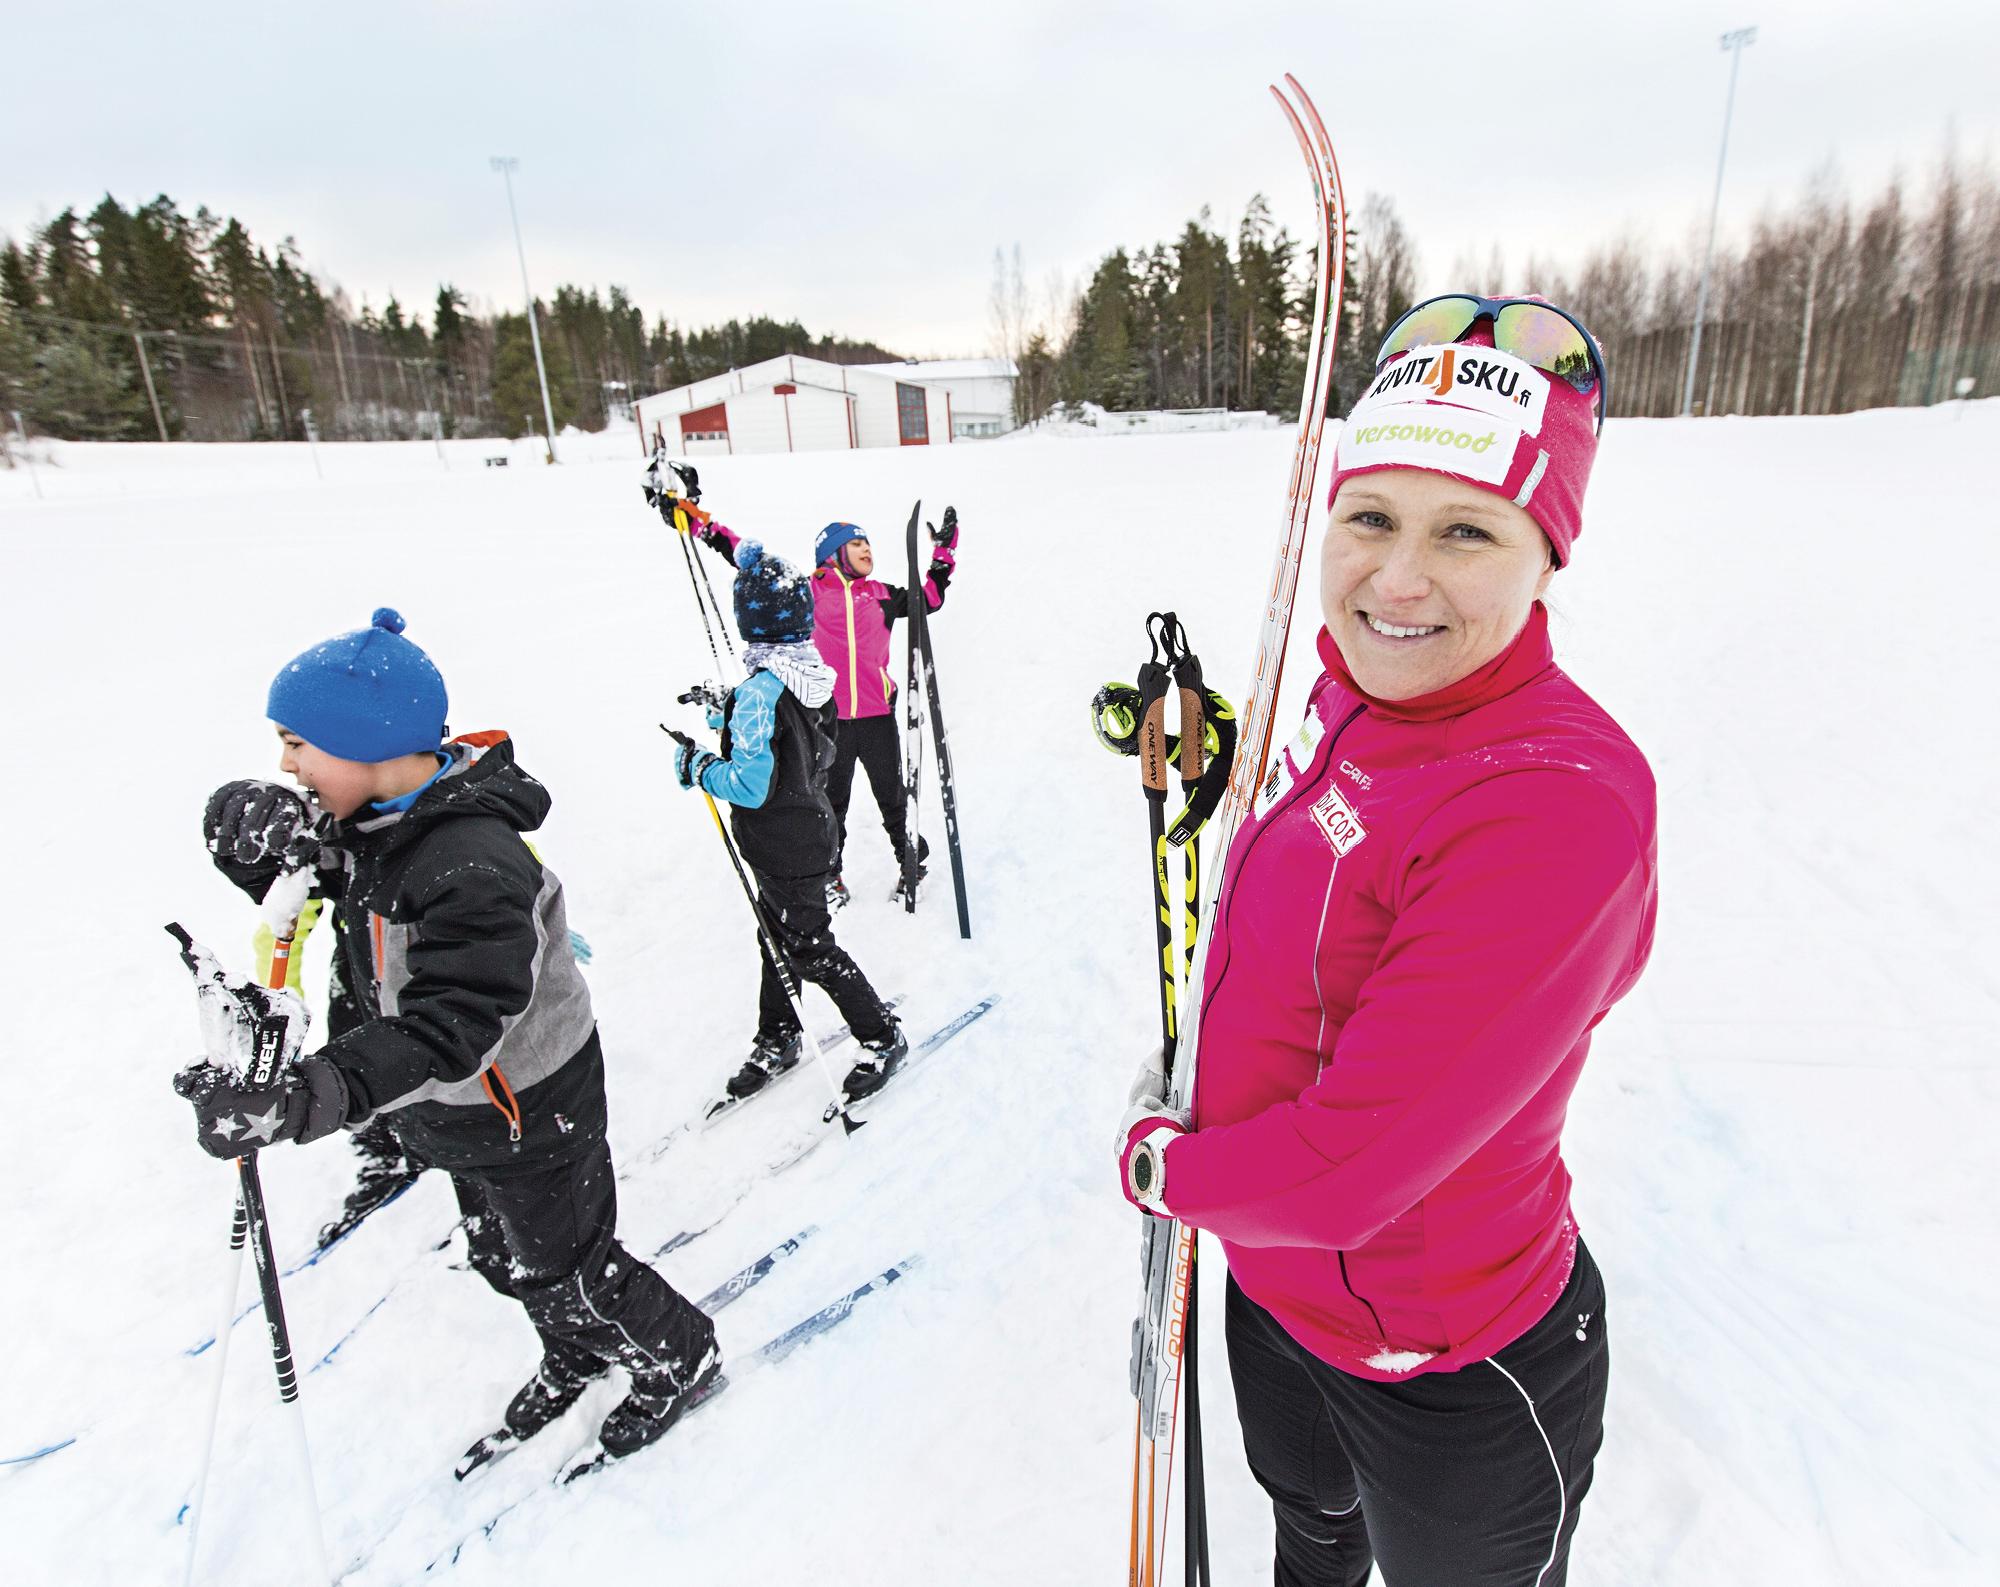 Aino-Kaisa Saarinen kansainvälinen hiihtokoulu